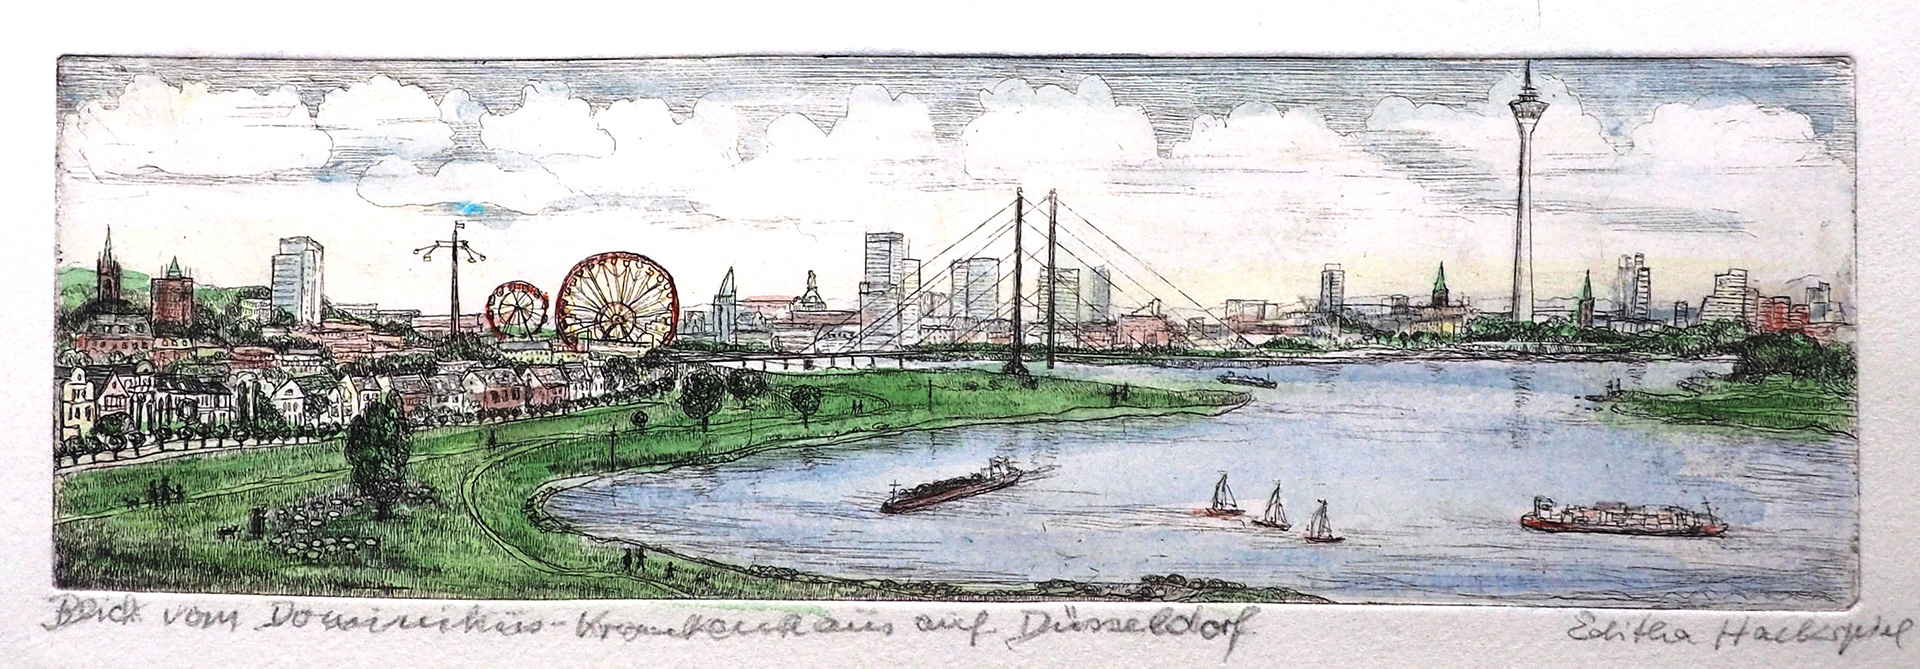 Editha Hackspiel: Düsseldorf, das Rheinknie